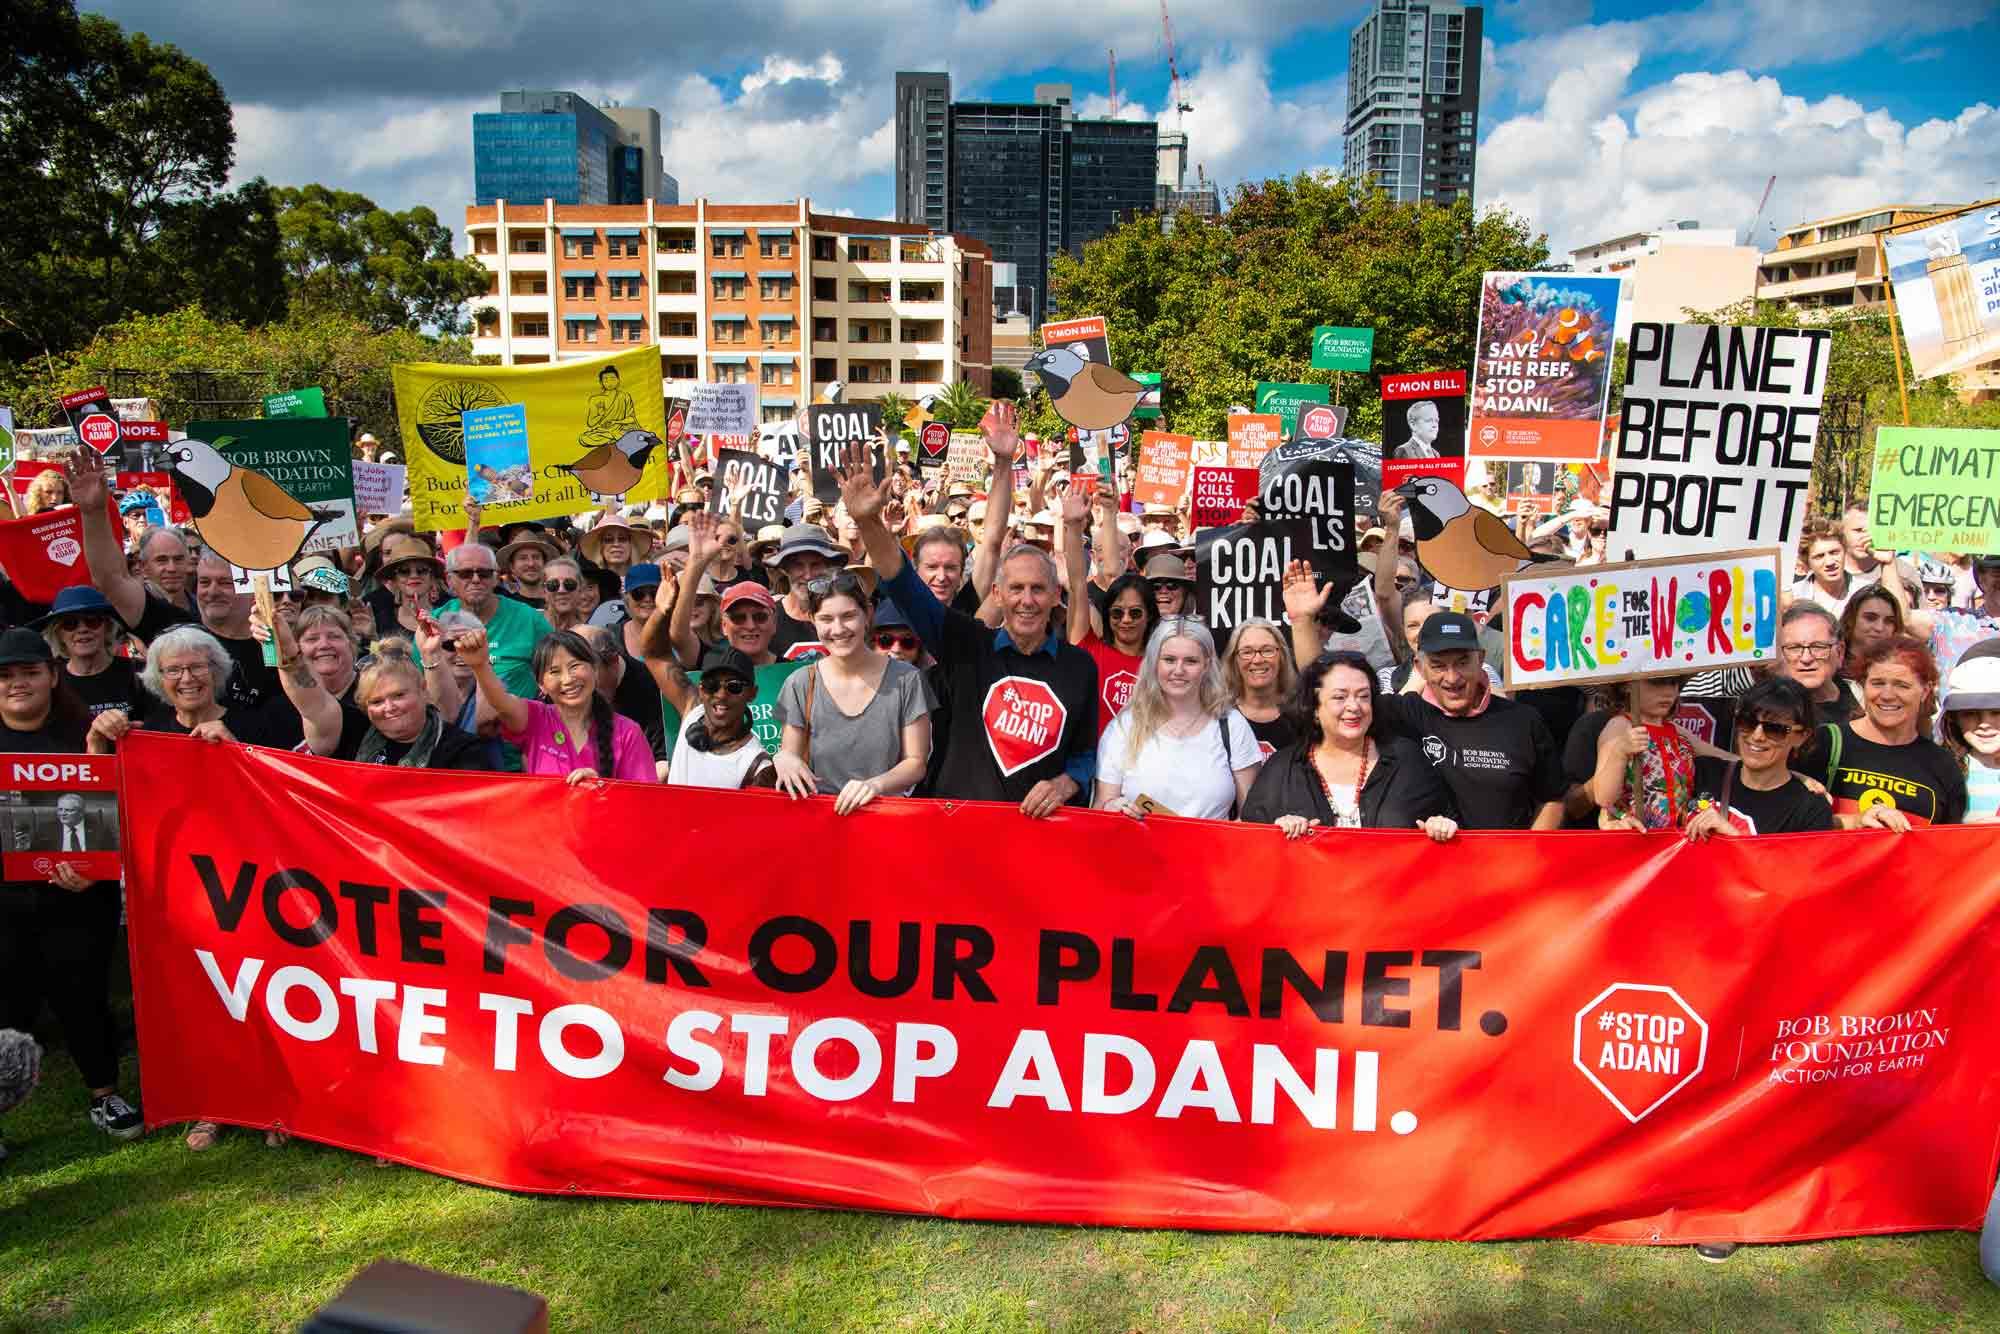 وقفة احتجاجية فى أستراليا لوقف تنفيذ منجم فحم أدانى